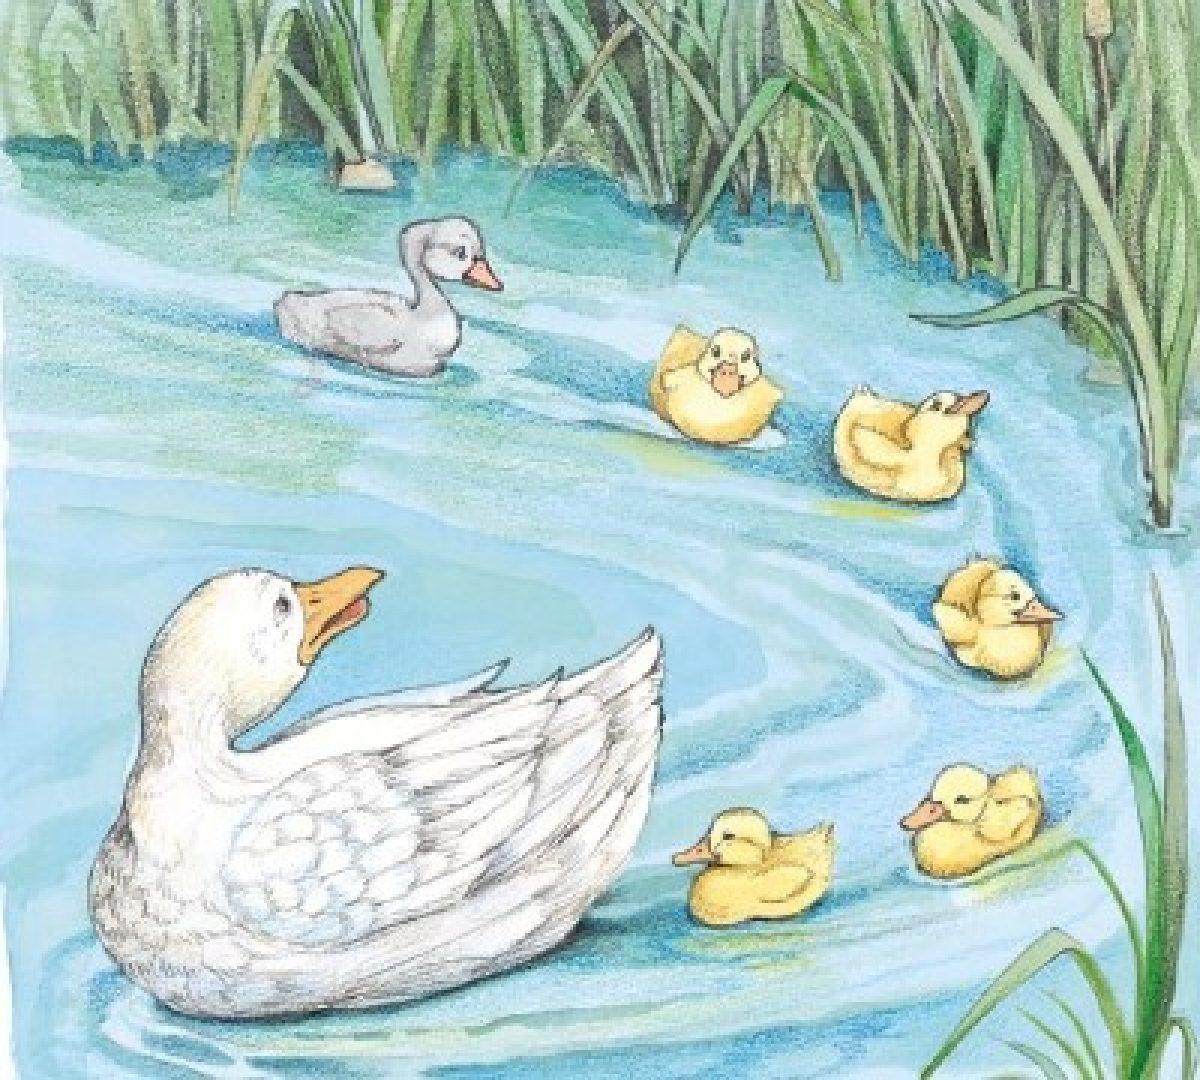 Cerita Fabel Terbaru Kisah Bebek Buruk Rupa